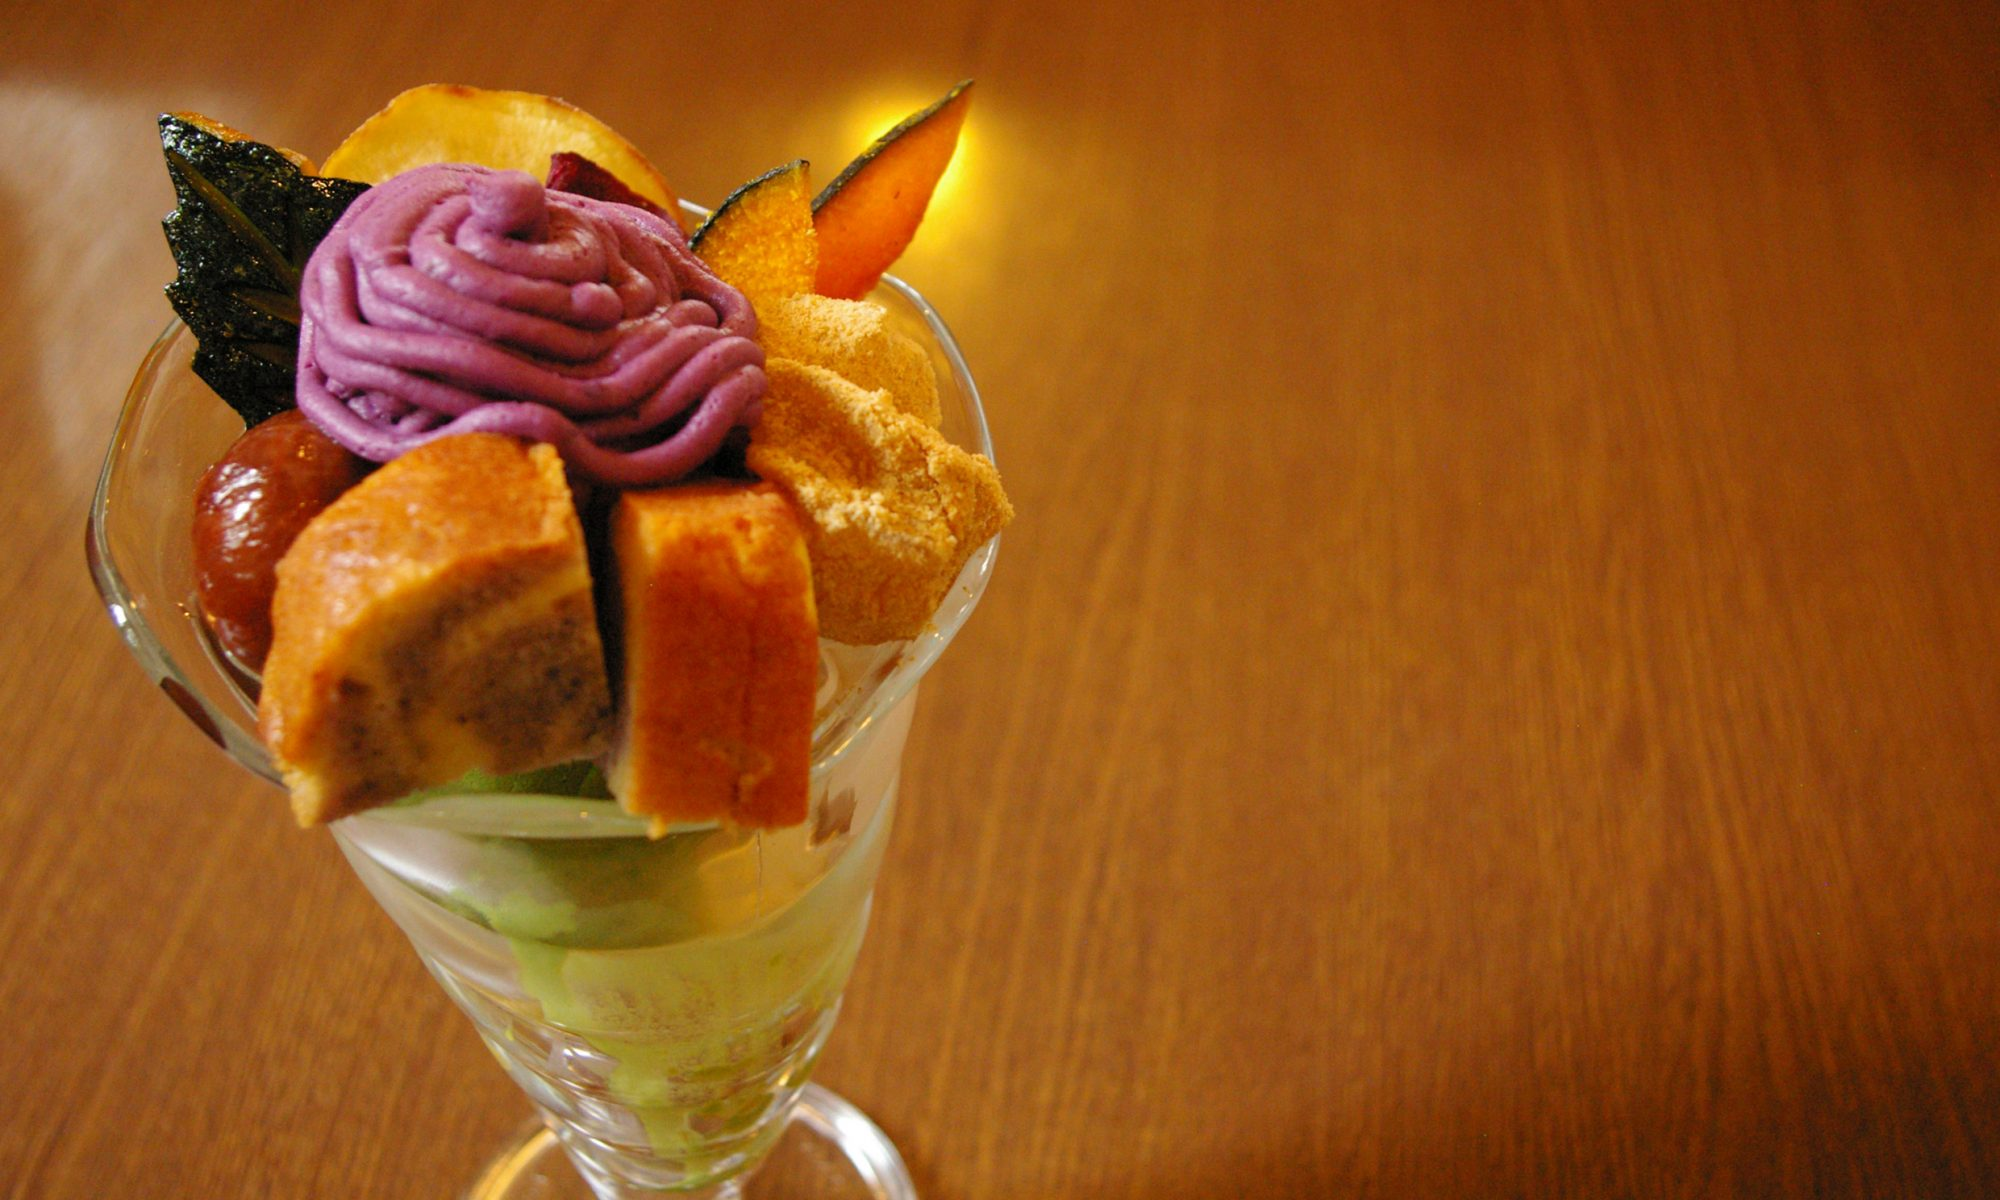 季節限定 芋栗かぼちゃの抹茶パフェ